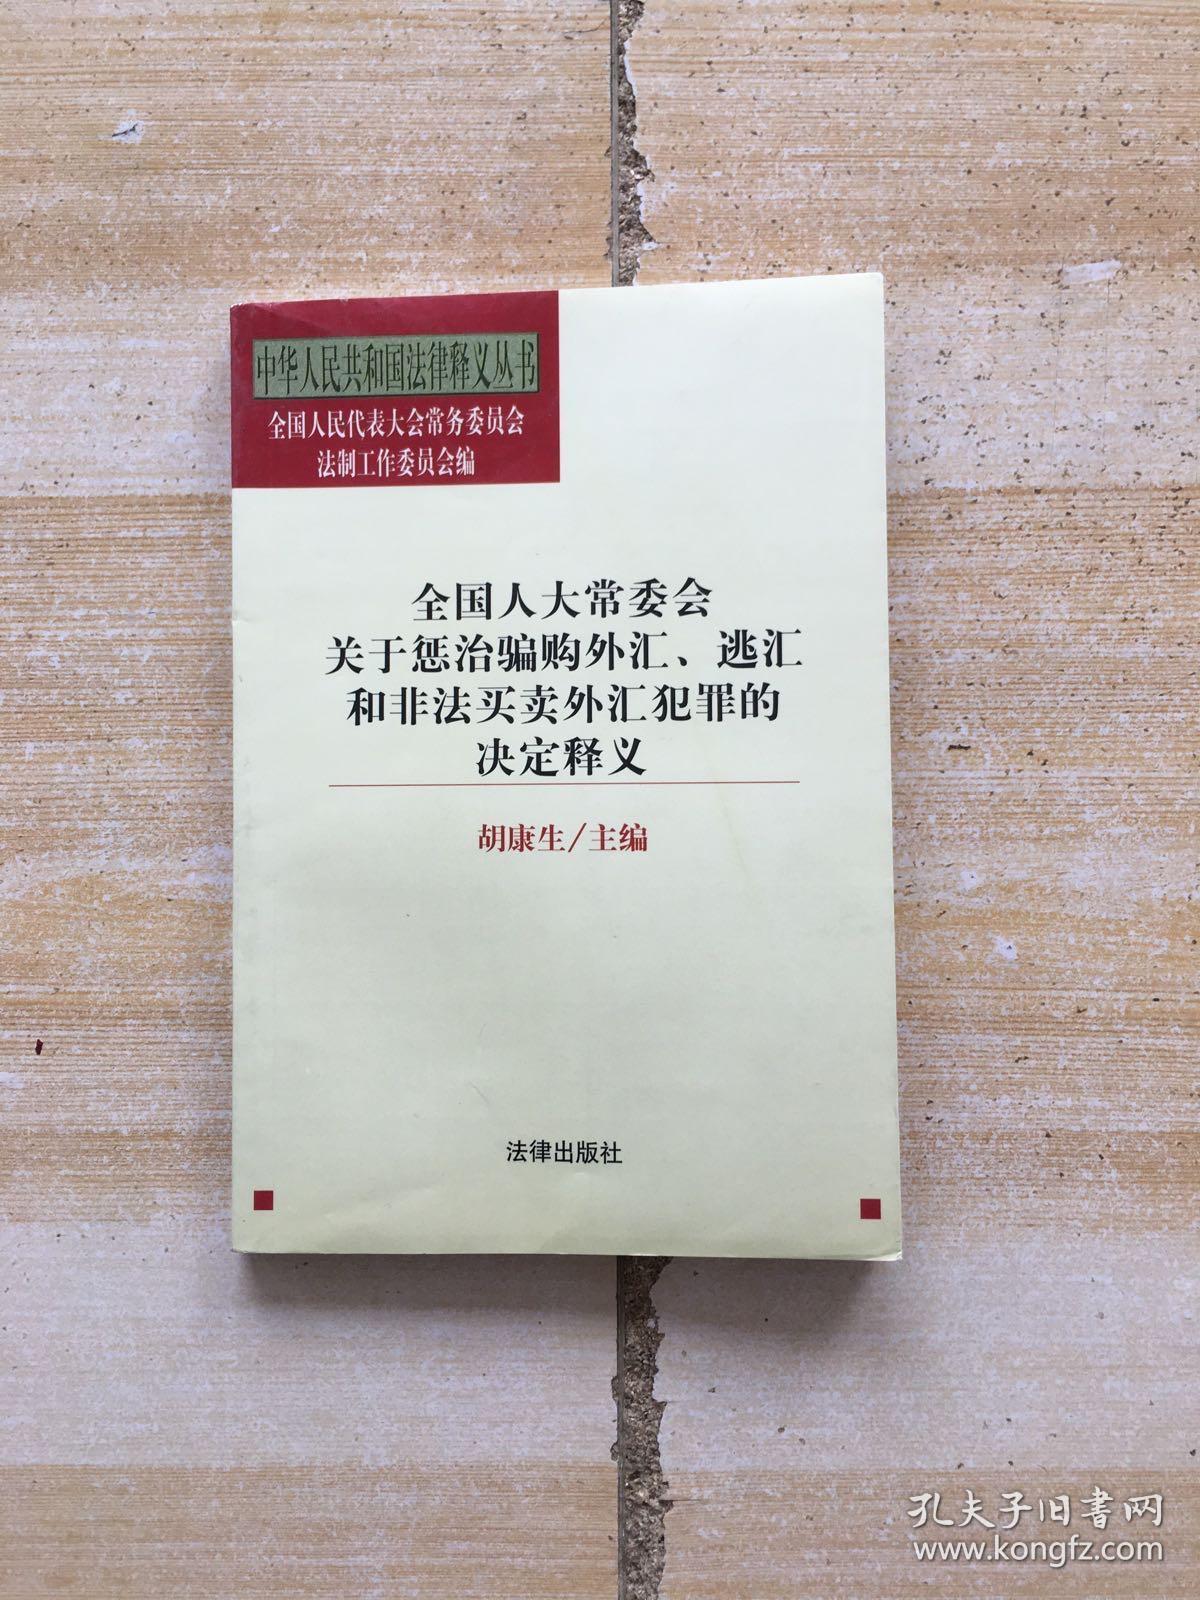 全国人大常委会关于惩治骗购外汇、逃汇和非法买卖外汇犯罪的决定释义/中华人民共和国法律释义丛书,